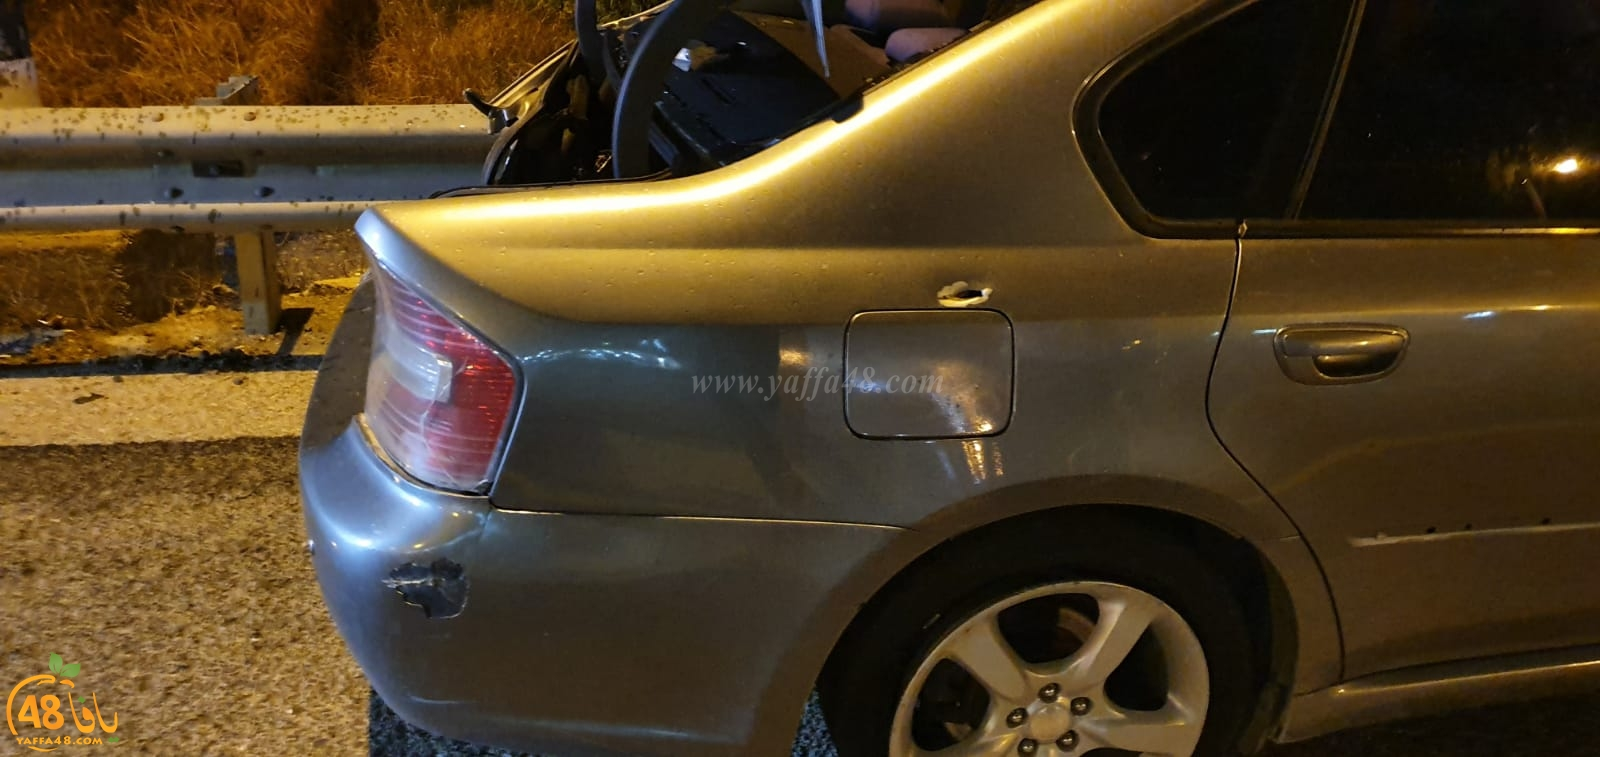 منتصف الليل: إصابة متوسّطة لشاب اثر تعرّضه لإطلاق نار بمدينة الرّملة